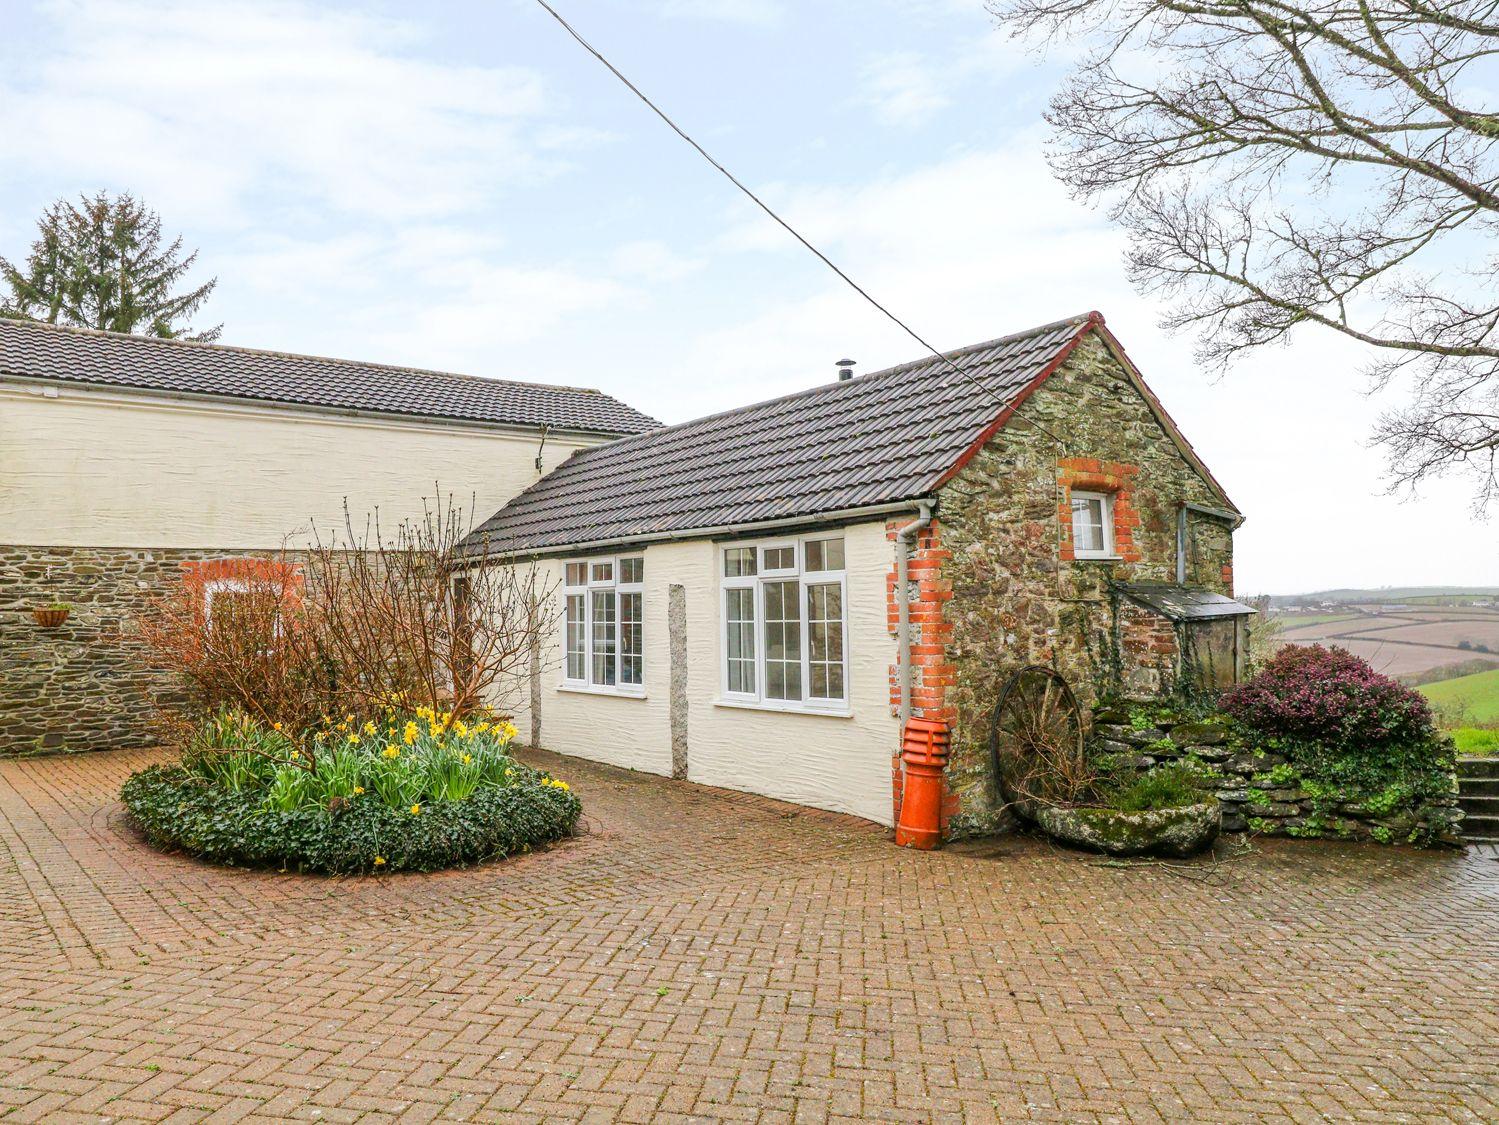 Granary Cottage, West Looe, Cornwall